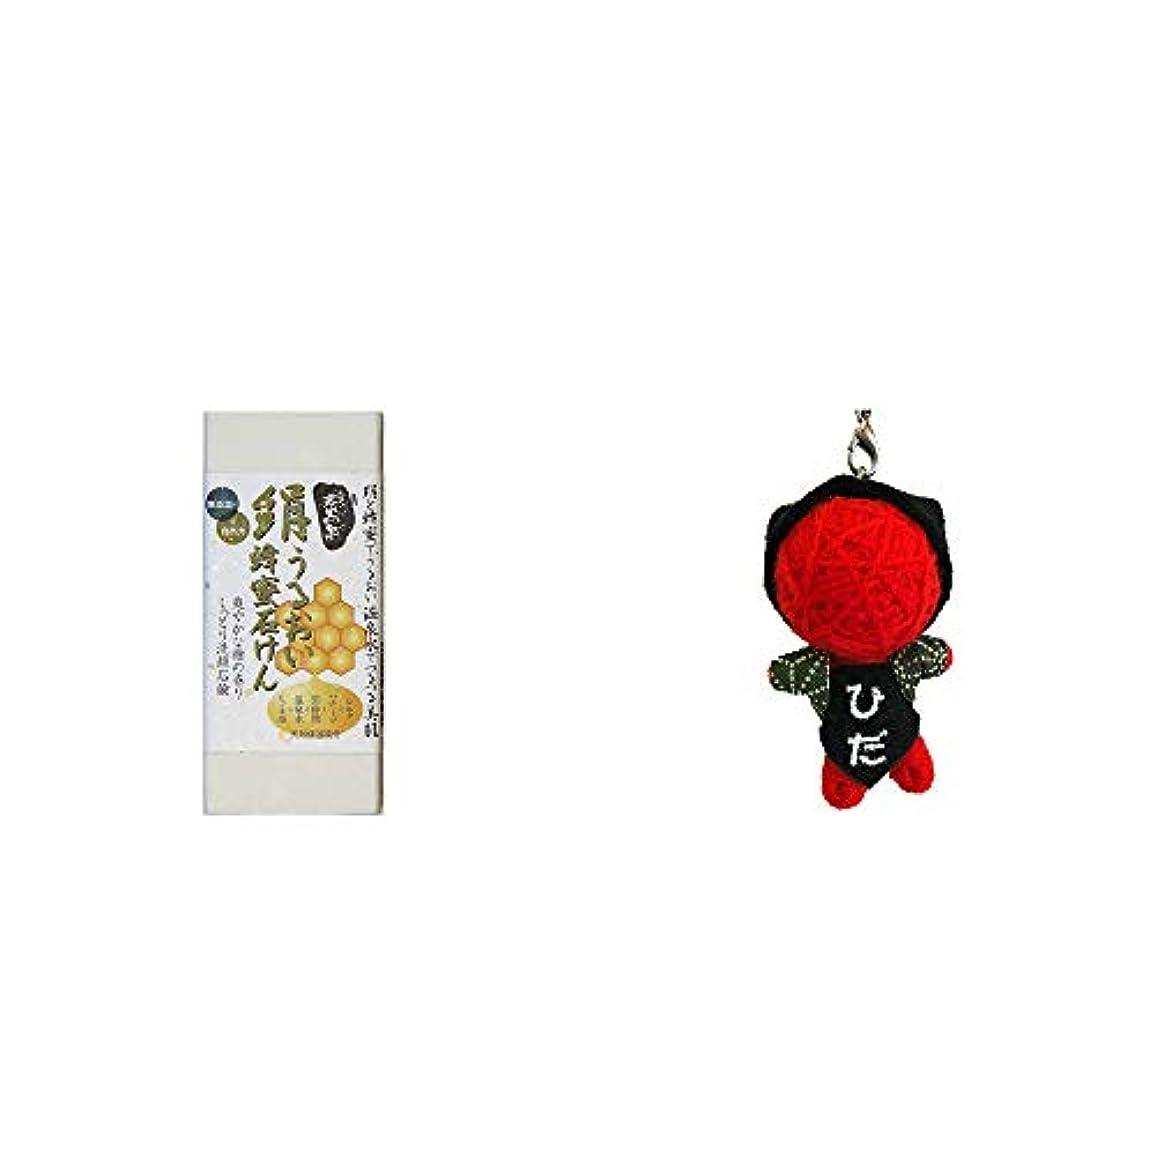 義務的パニック俳優[2点セット] ひのき炭黒泉 絹うるおい蜂蜜石けん(75g×2)?ハッピー さるぼぼドール ブドゥドール(ストラップ) / 魔除け?身代わり人形 //